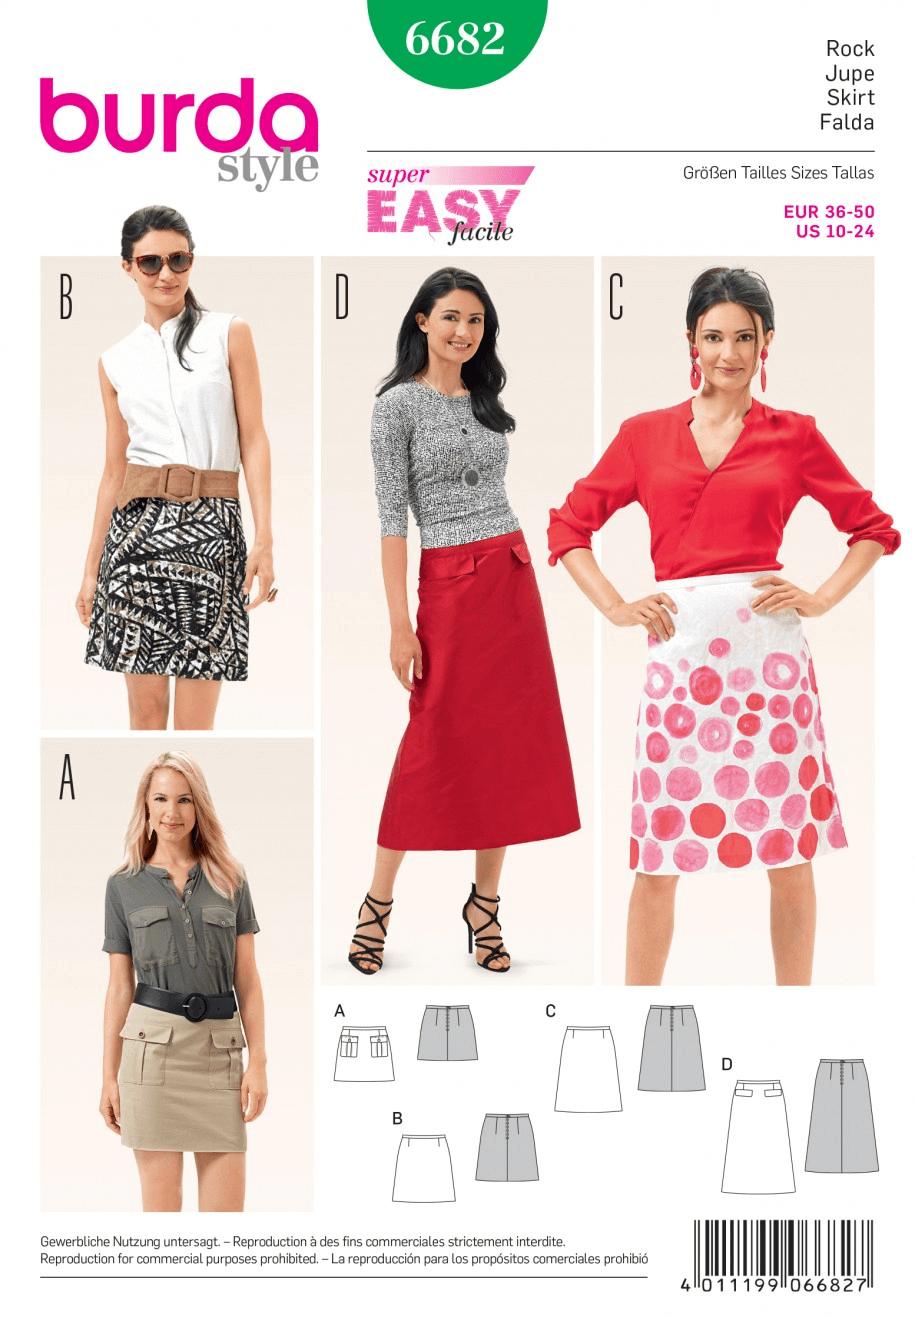 Misses Slim Flare Skirt in Various Lengths Burda Sewing Pattern 6682